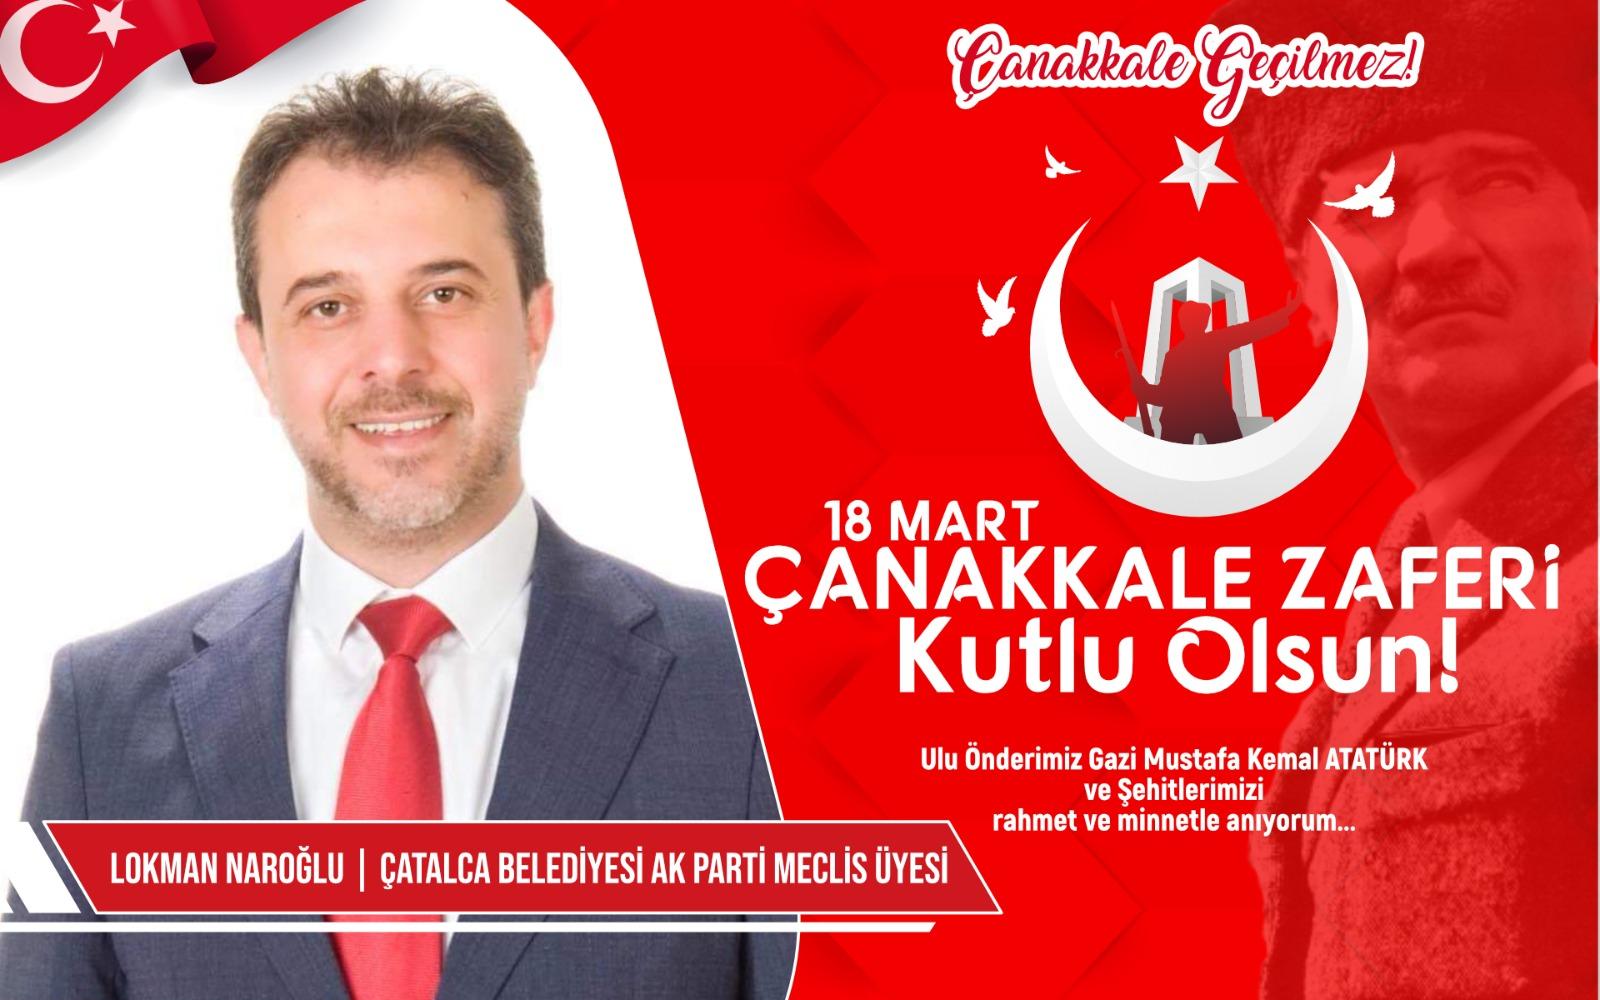 Çatalca Belediyesi AK Parti Meclis üyesi Lokman Naroğlun'dan kutlama